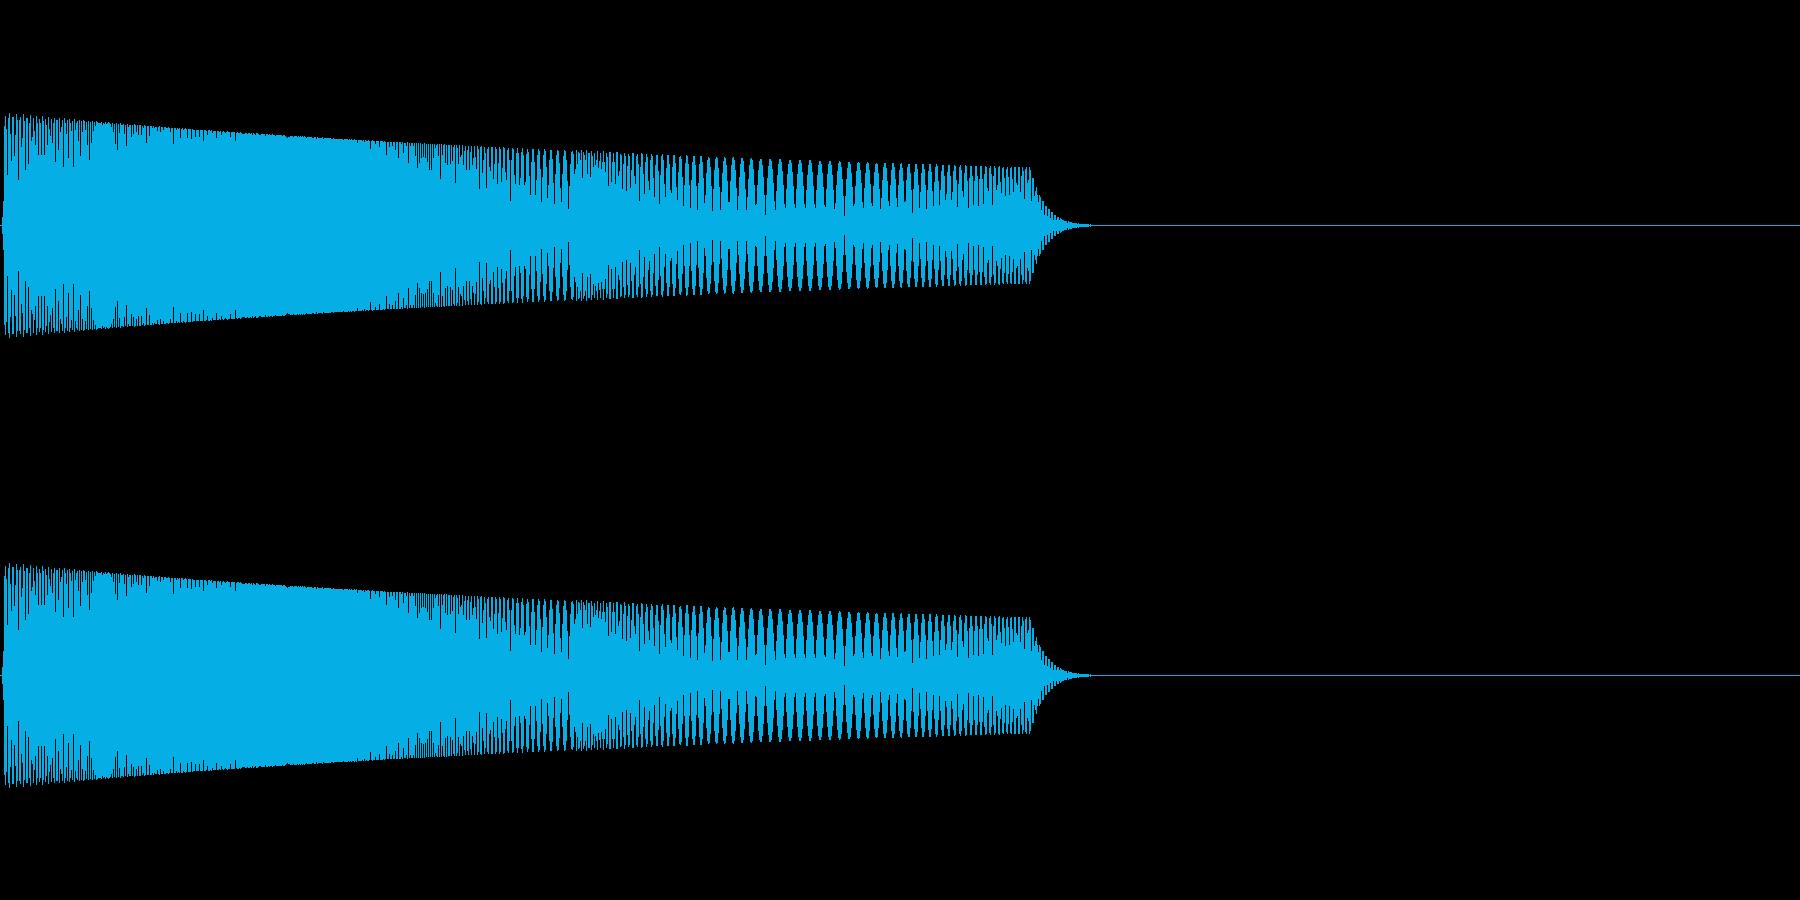 キュチュポ:パズルゲームやタッチや動作にの再生済みの波形